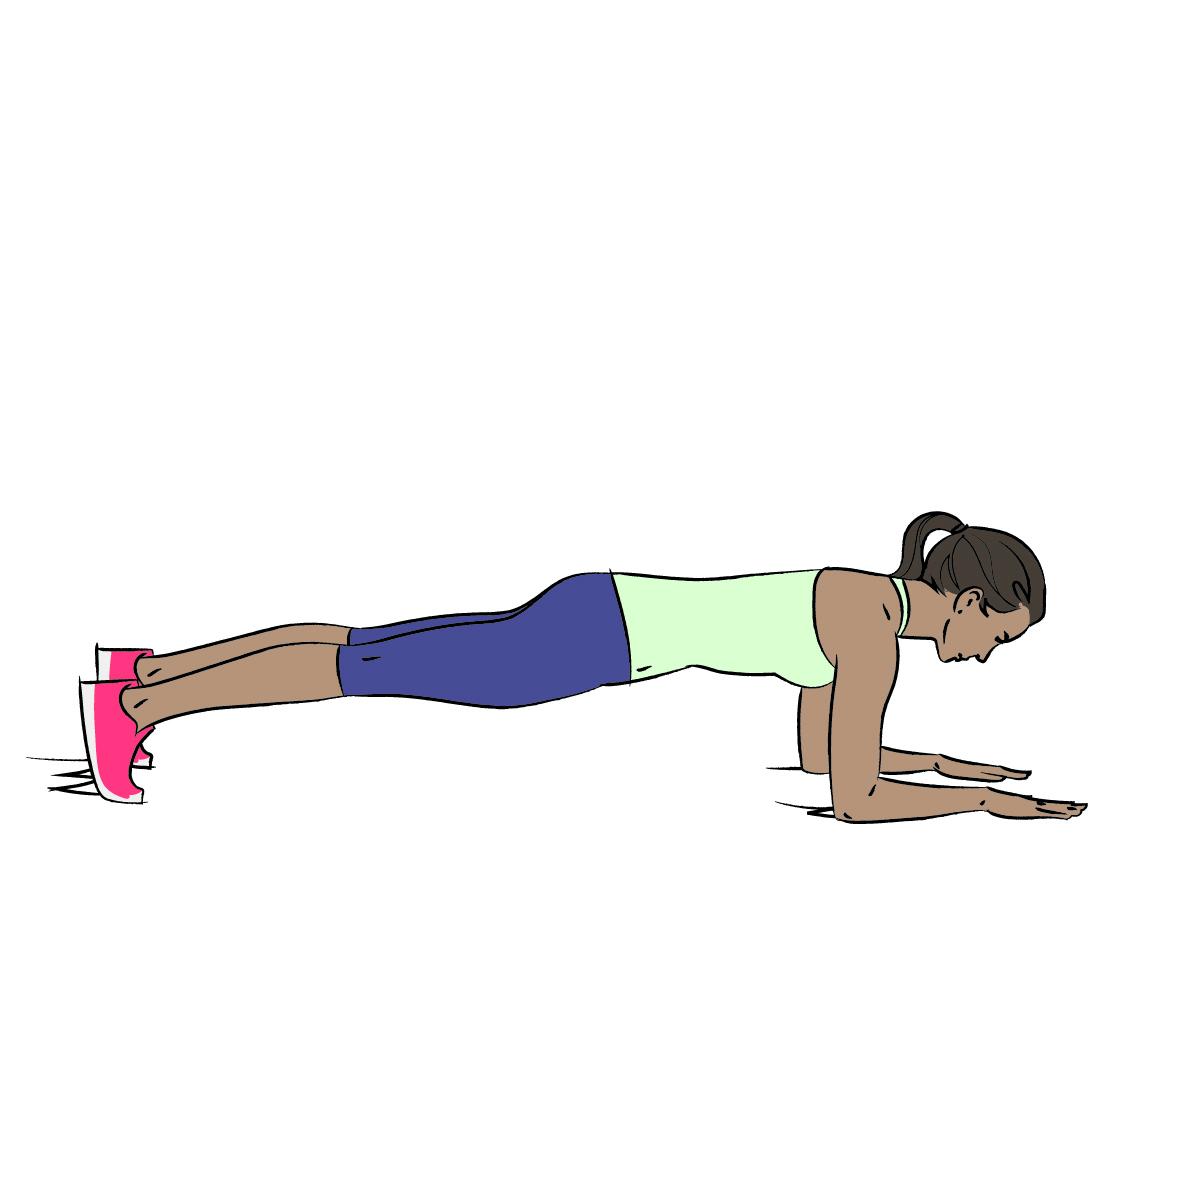 بهترین تمرینات صبحگاهی برای سرحال شدن